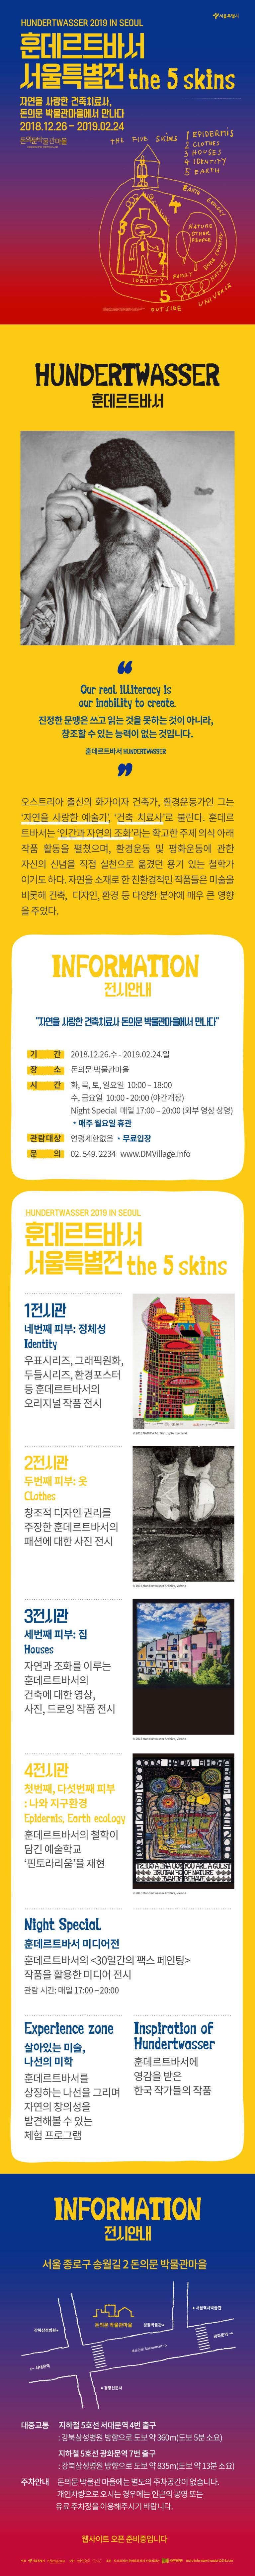 훈데르트바서 서울특별전 – the 5 skins